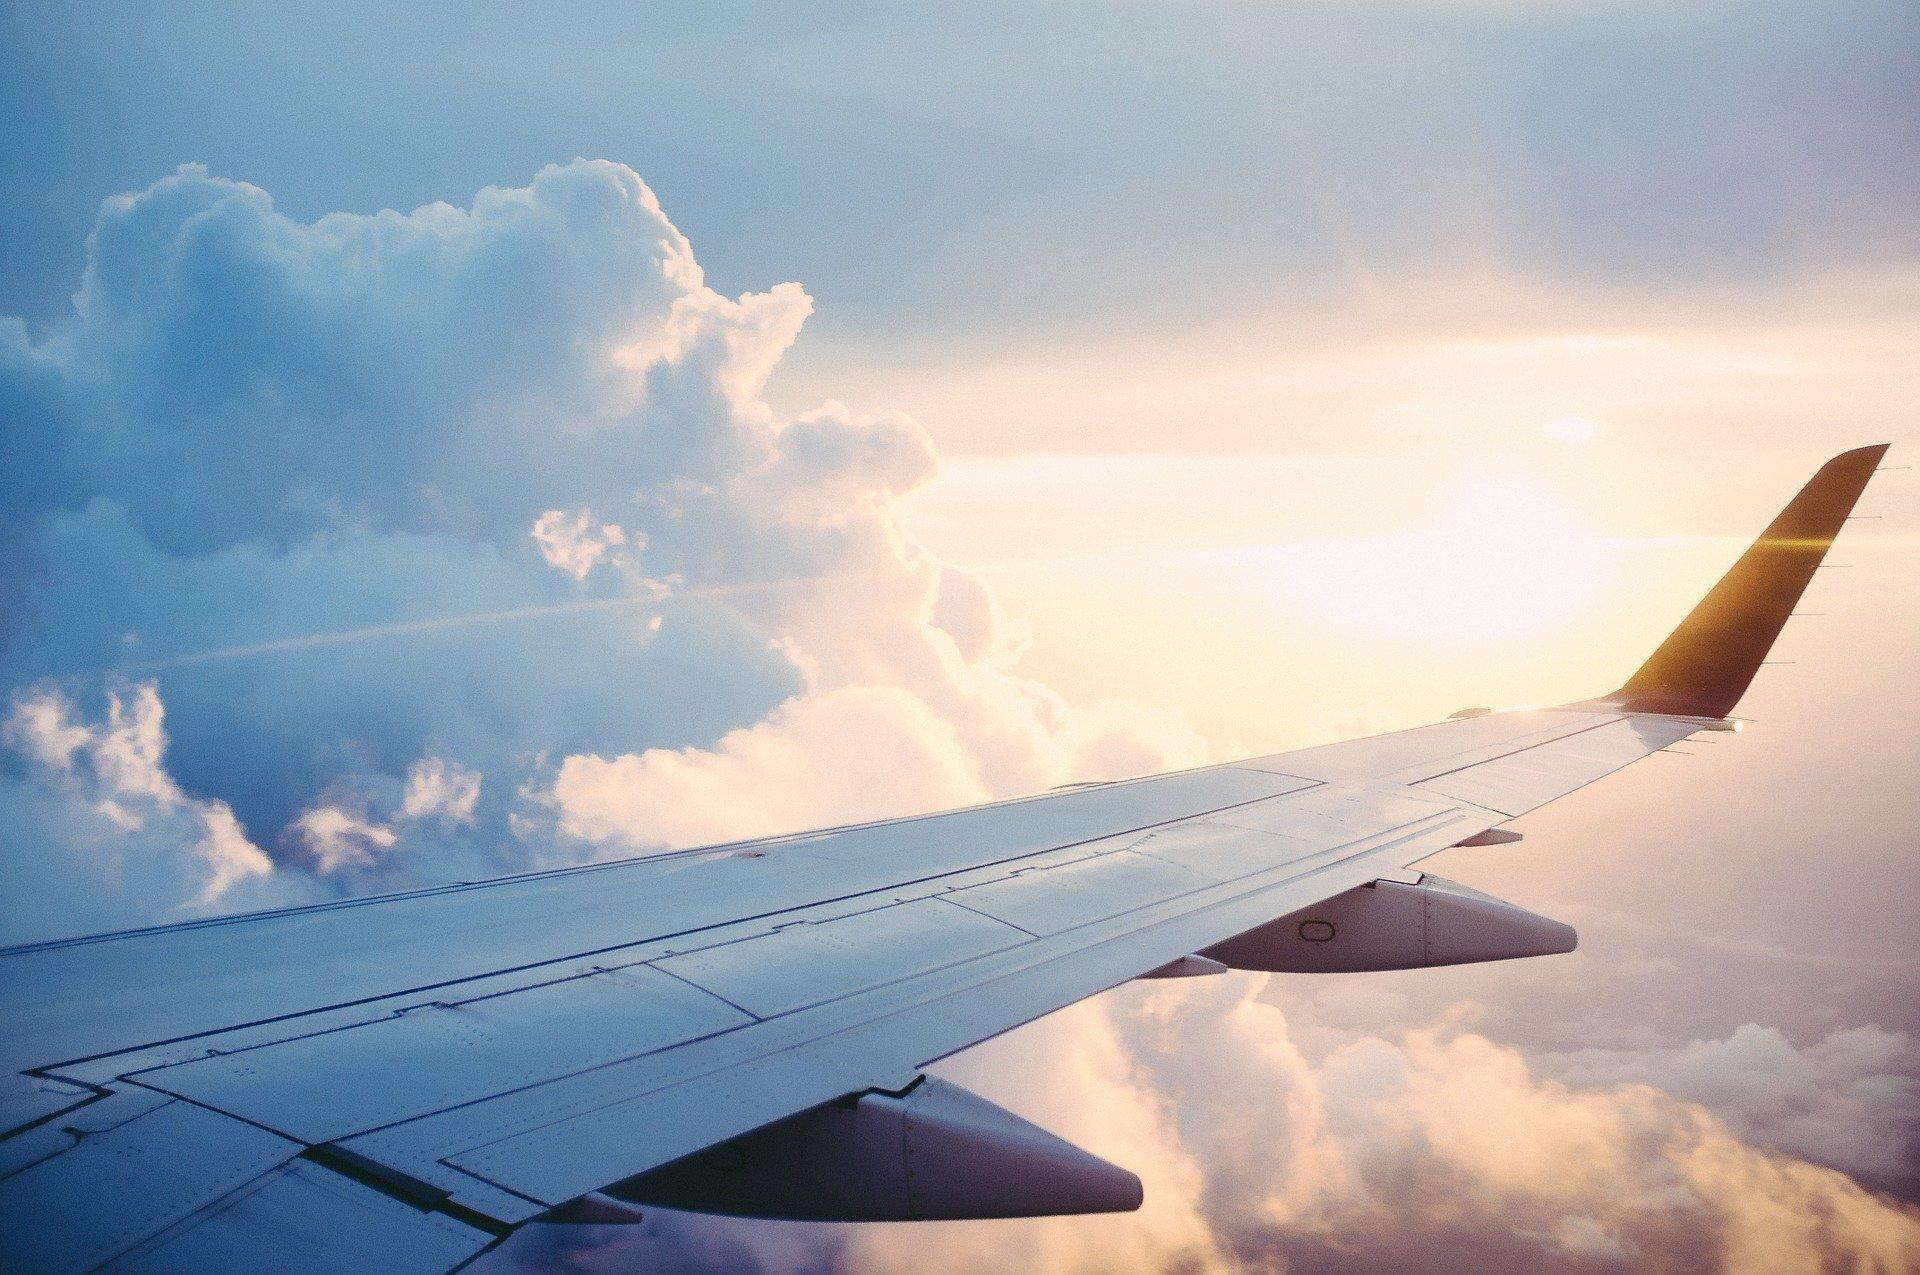 СМИ Австрии. Выключенный режим полёта обошёлся пассажиру в 1300 €